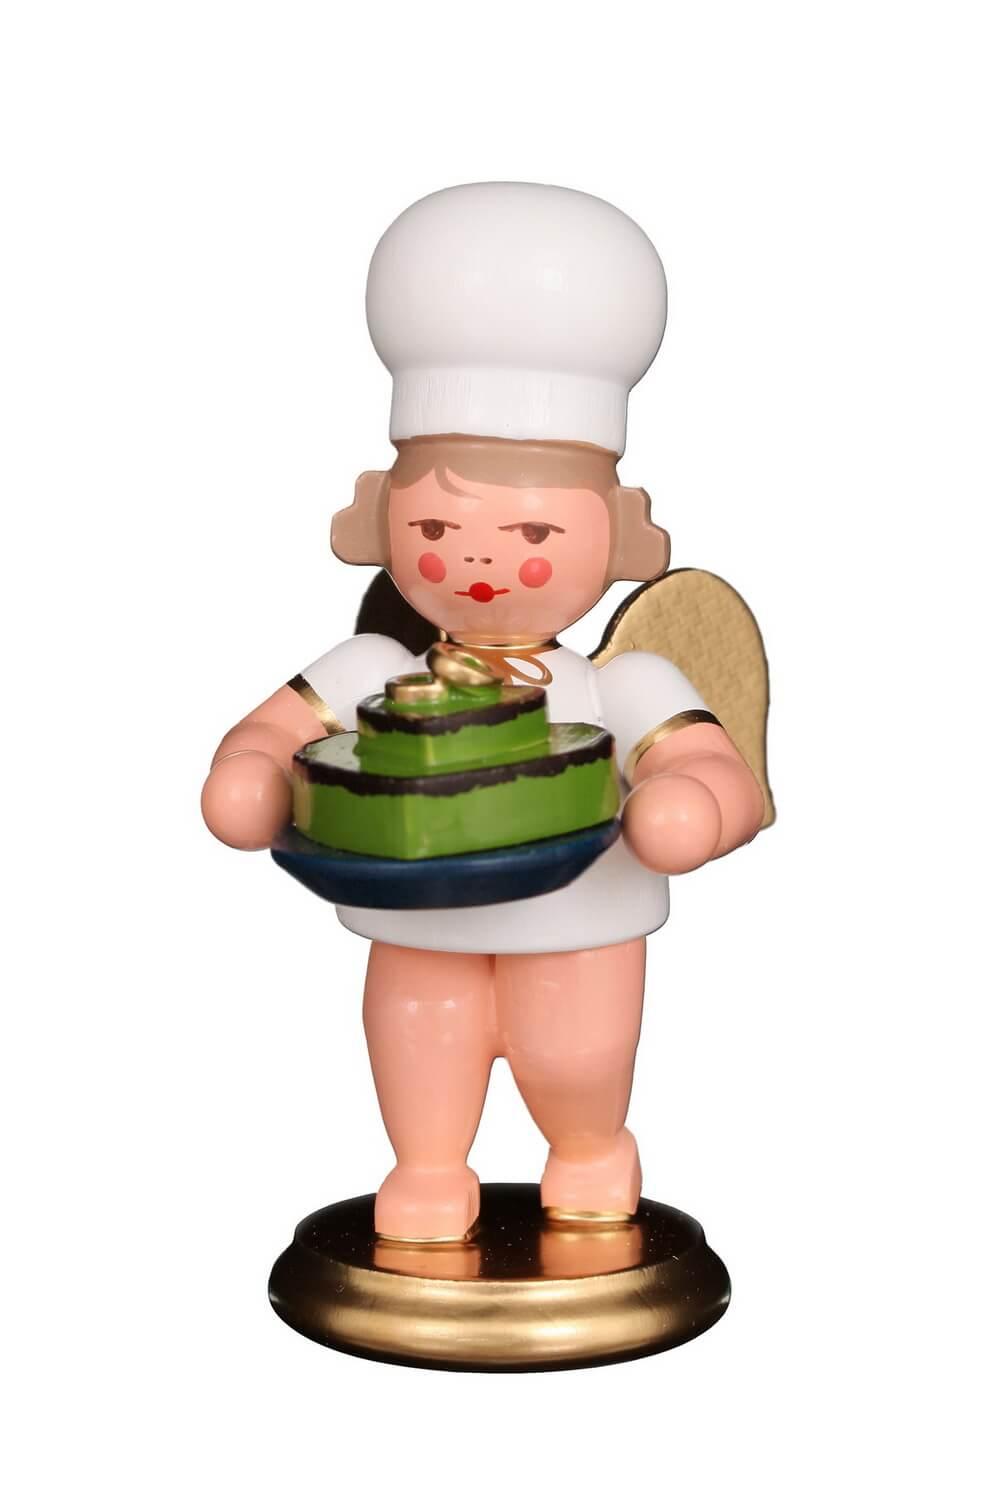 Weihnachtsengel - Bäckerengel mit Herztorte, 8 cm von Christian Ulbricht GmbH & Co KG Seiffen/ Erzgebirge